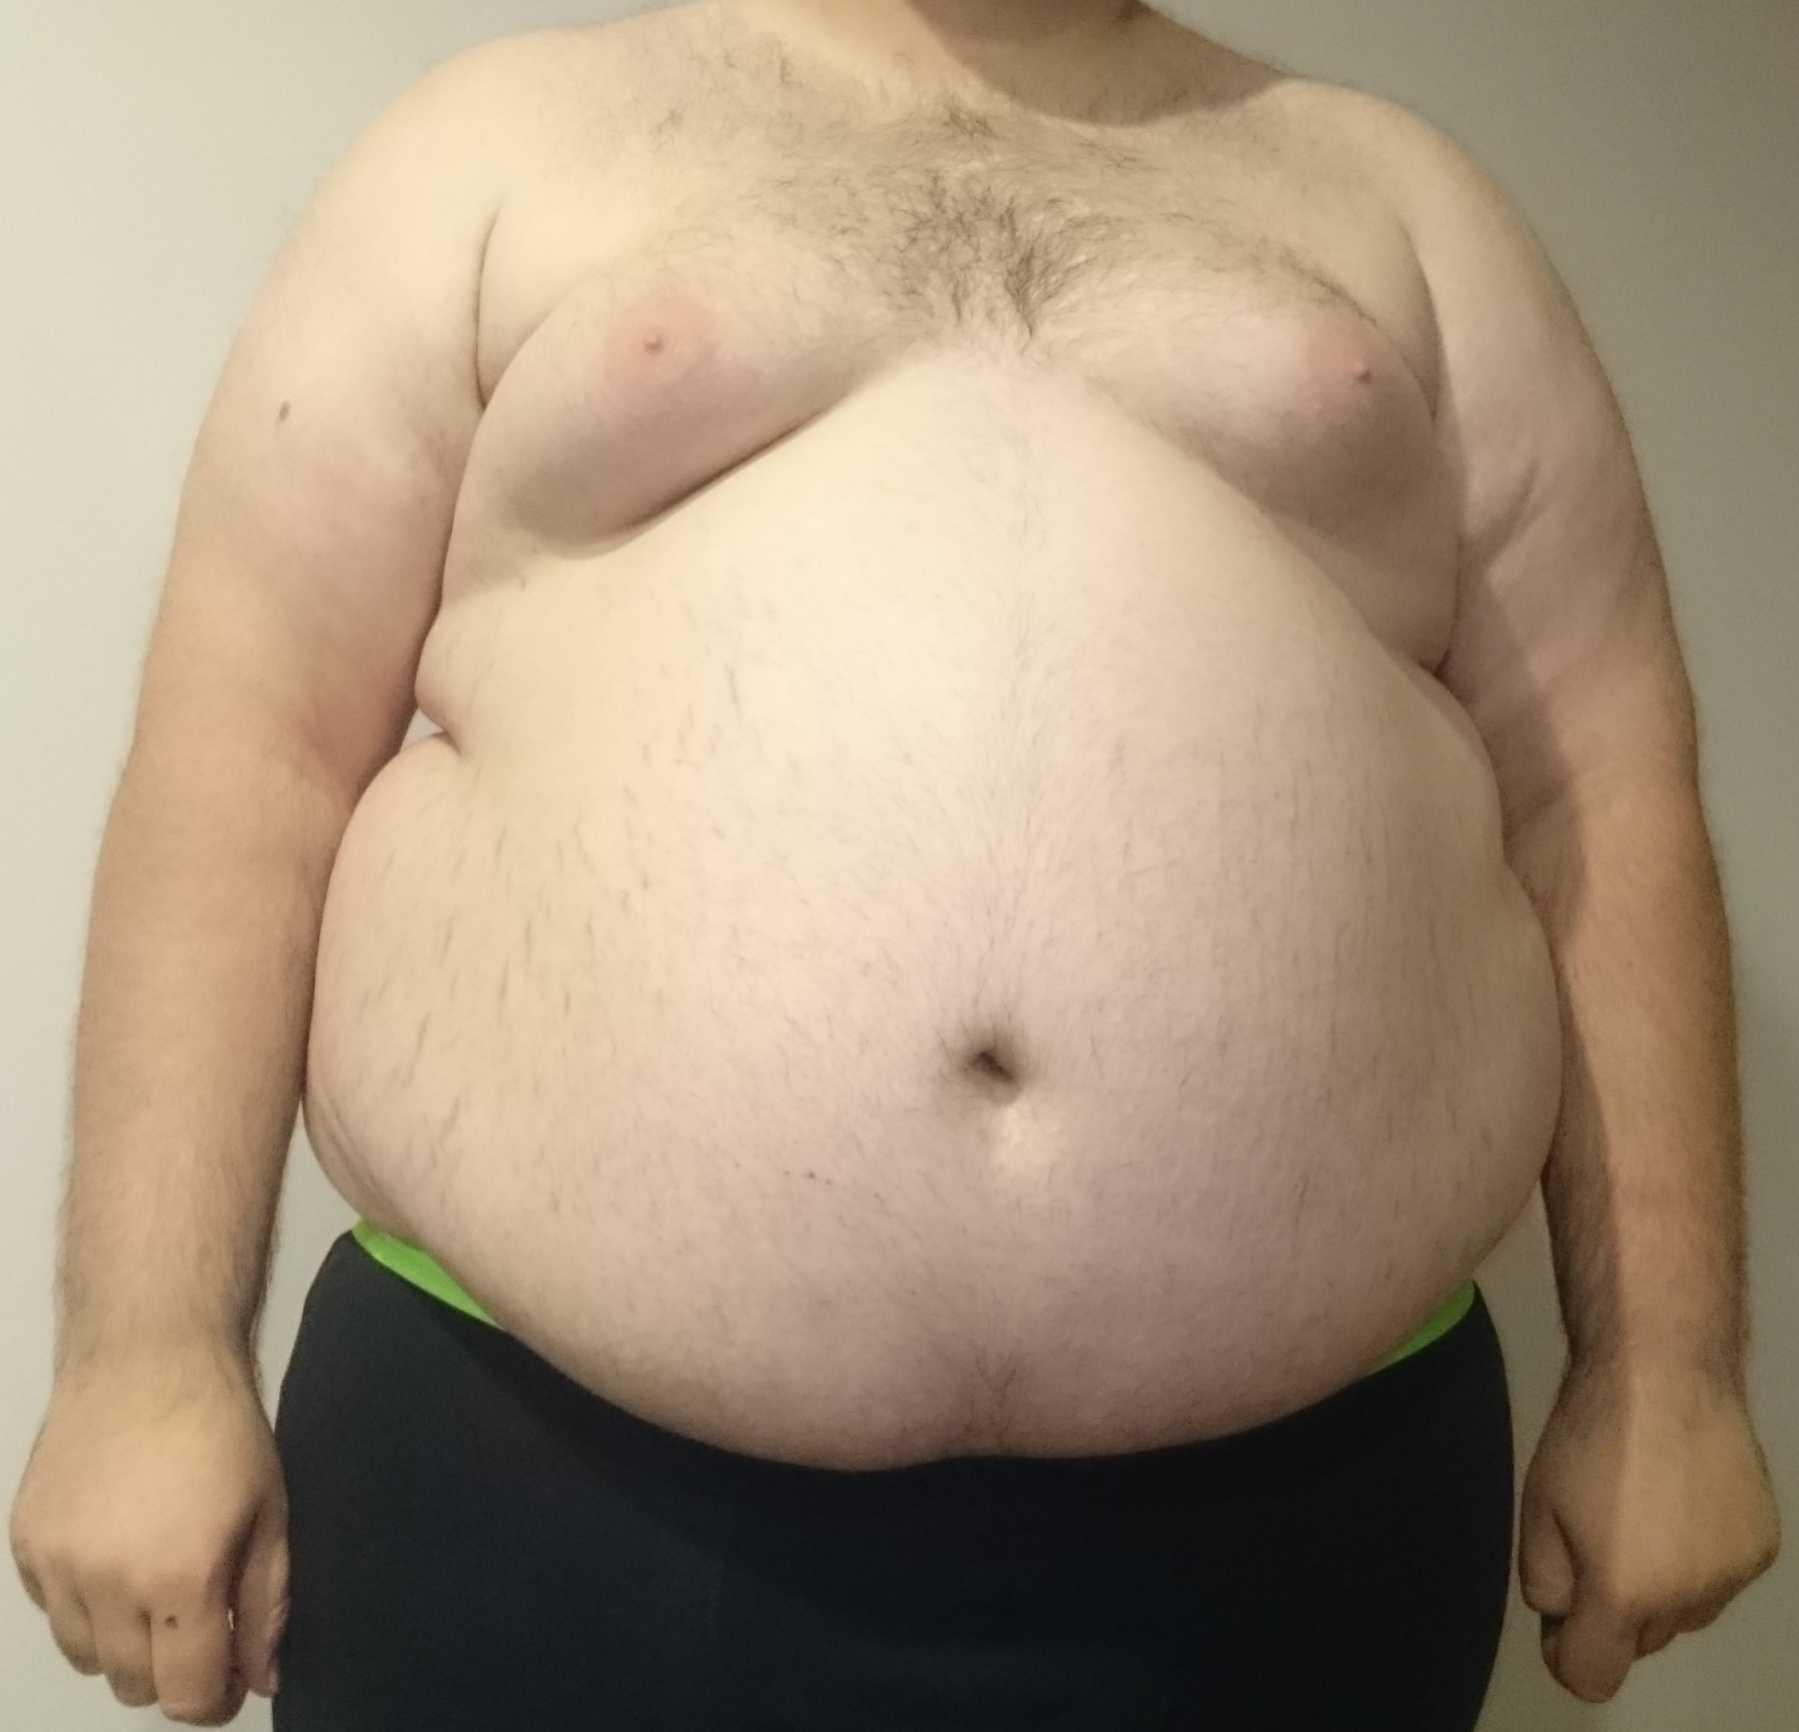 Толстый животик картинки